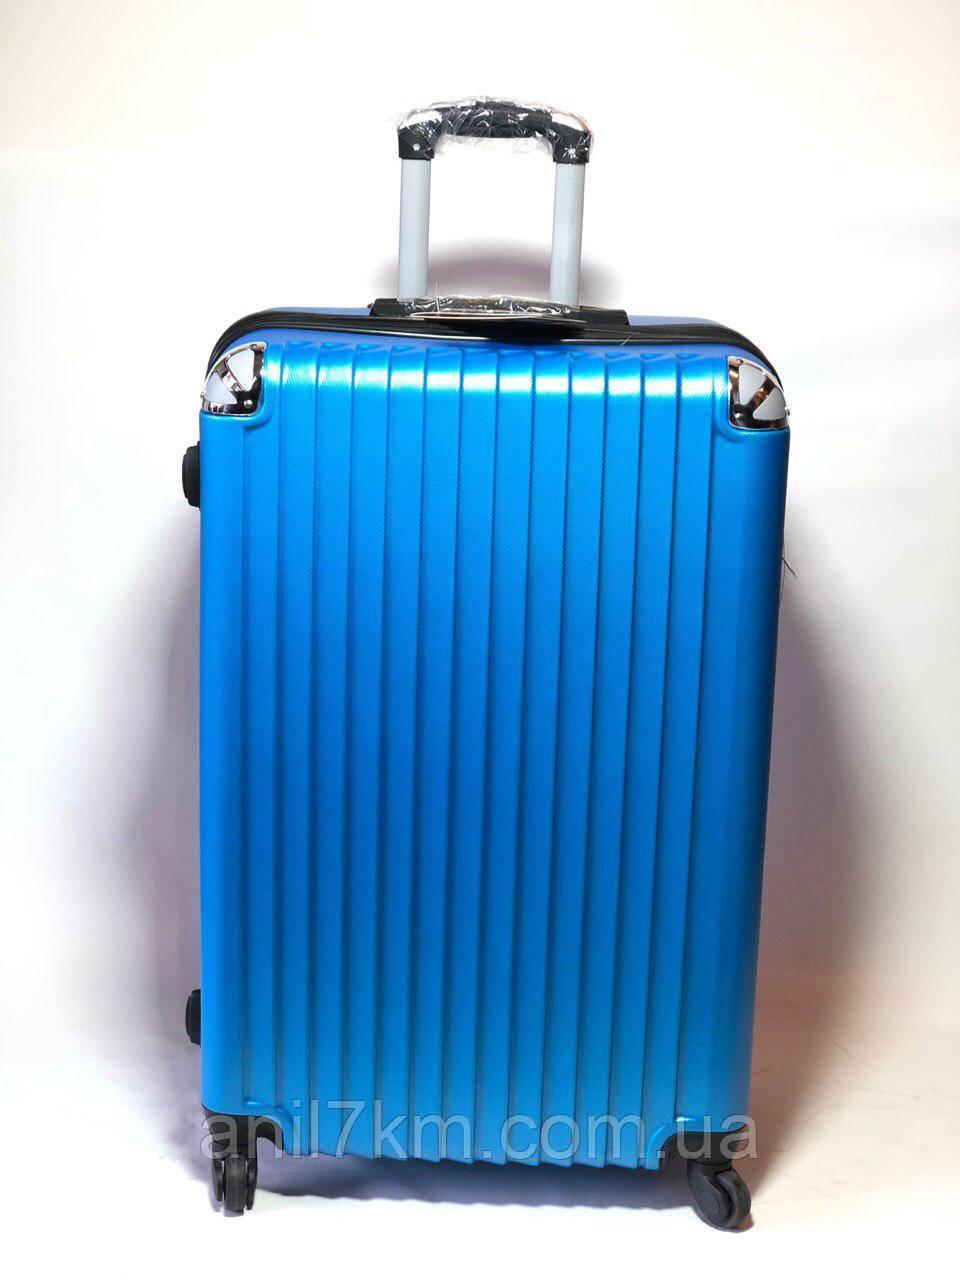 Великий пластиковий чемодан на чотирьох колесах